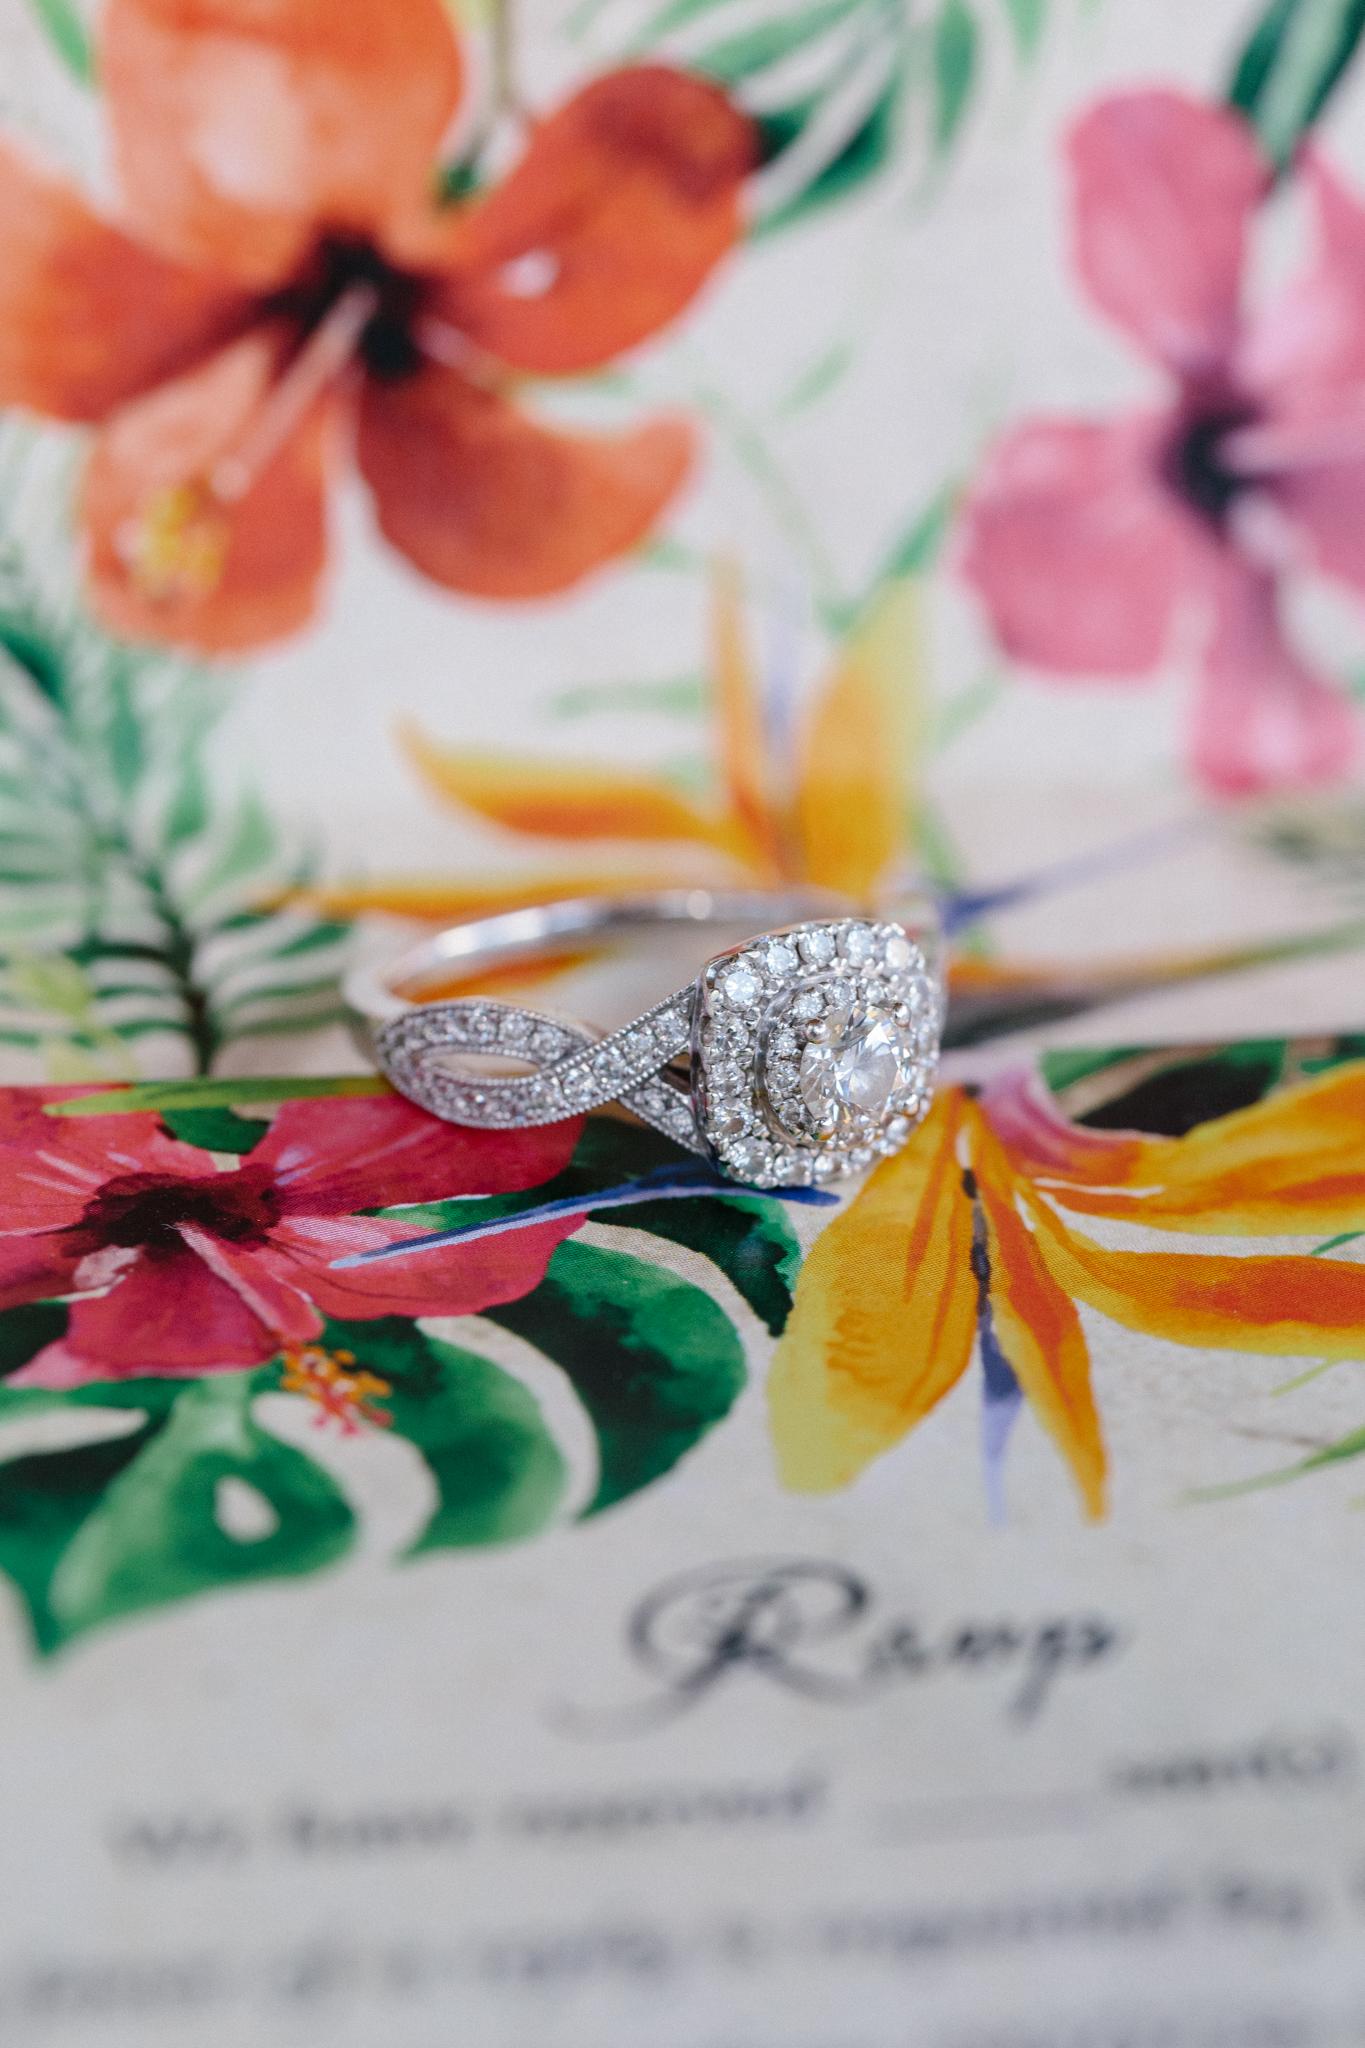 kualoa_ranch_wedding_photography_tone_hawaii-19.jpg